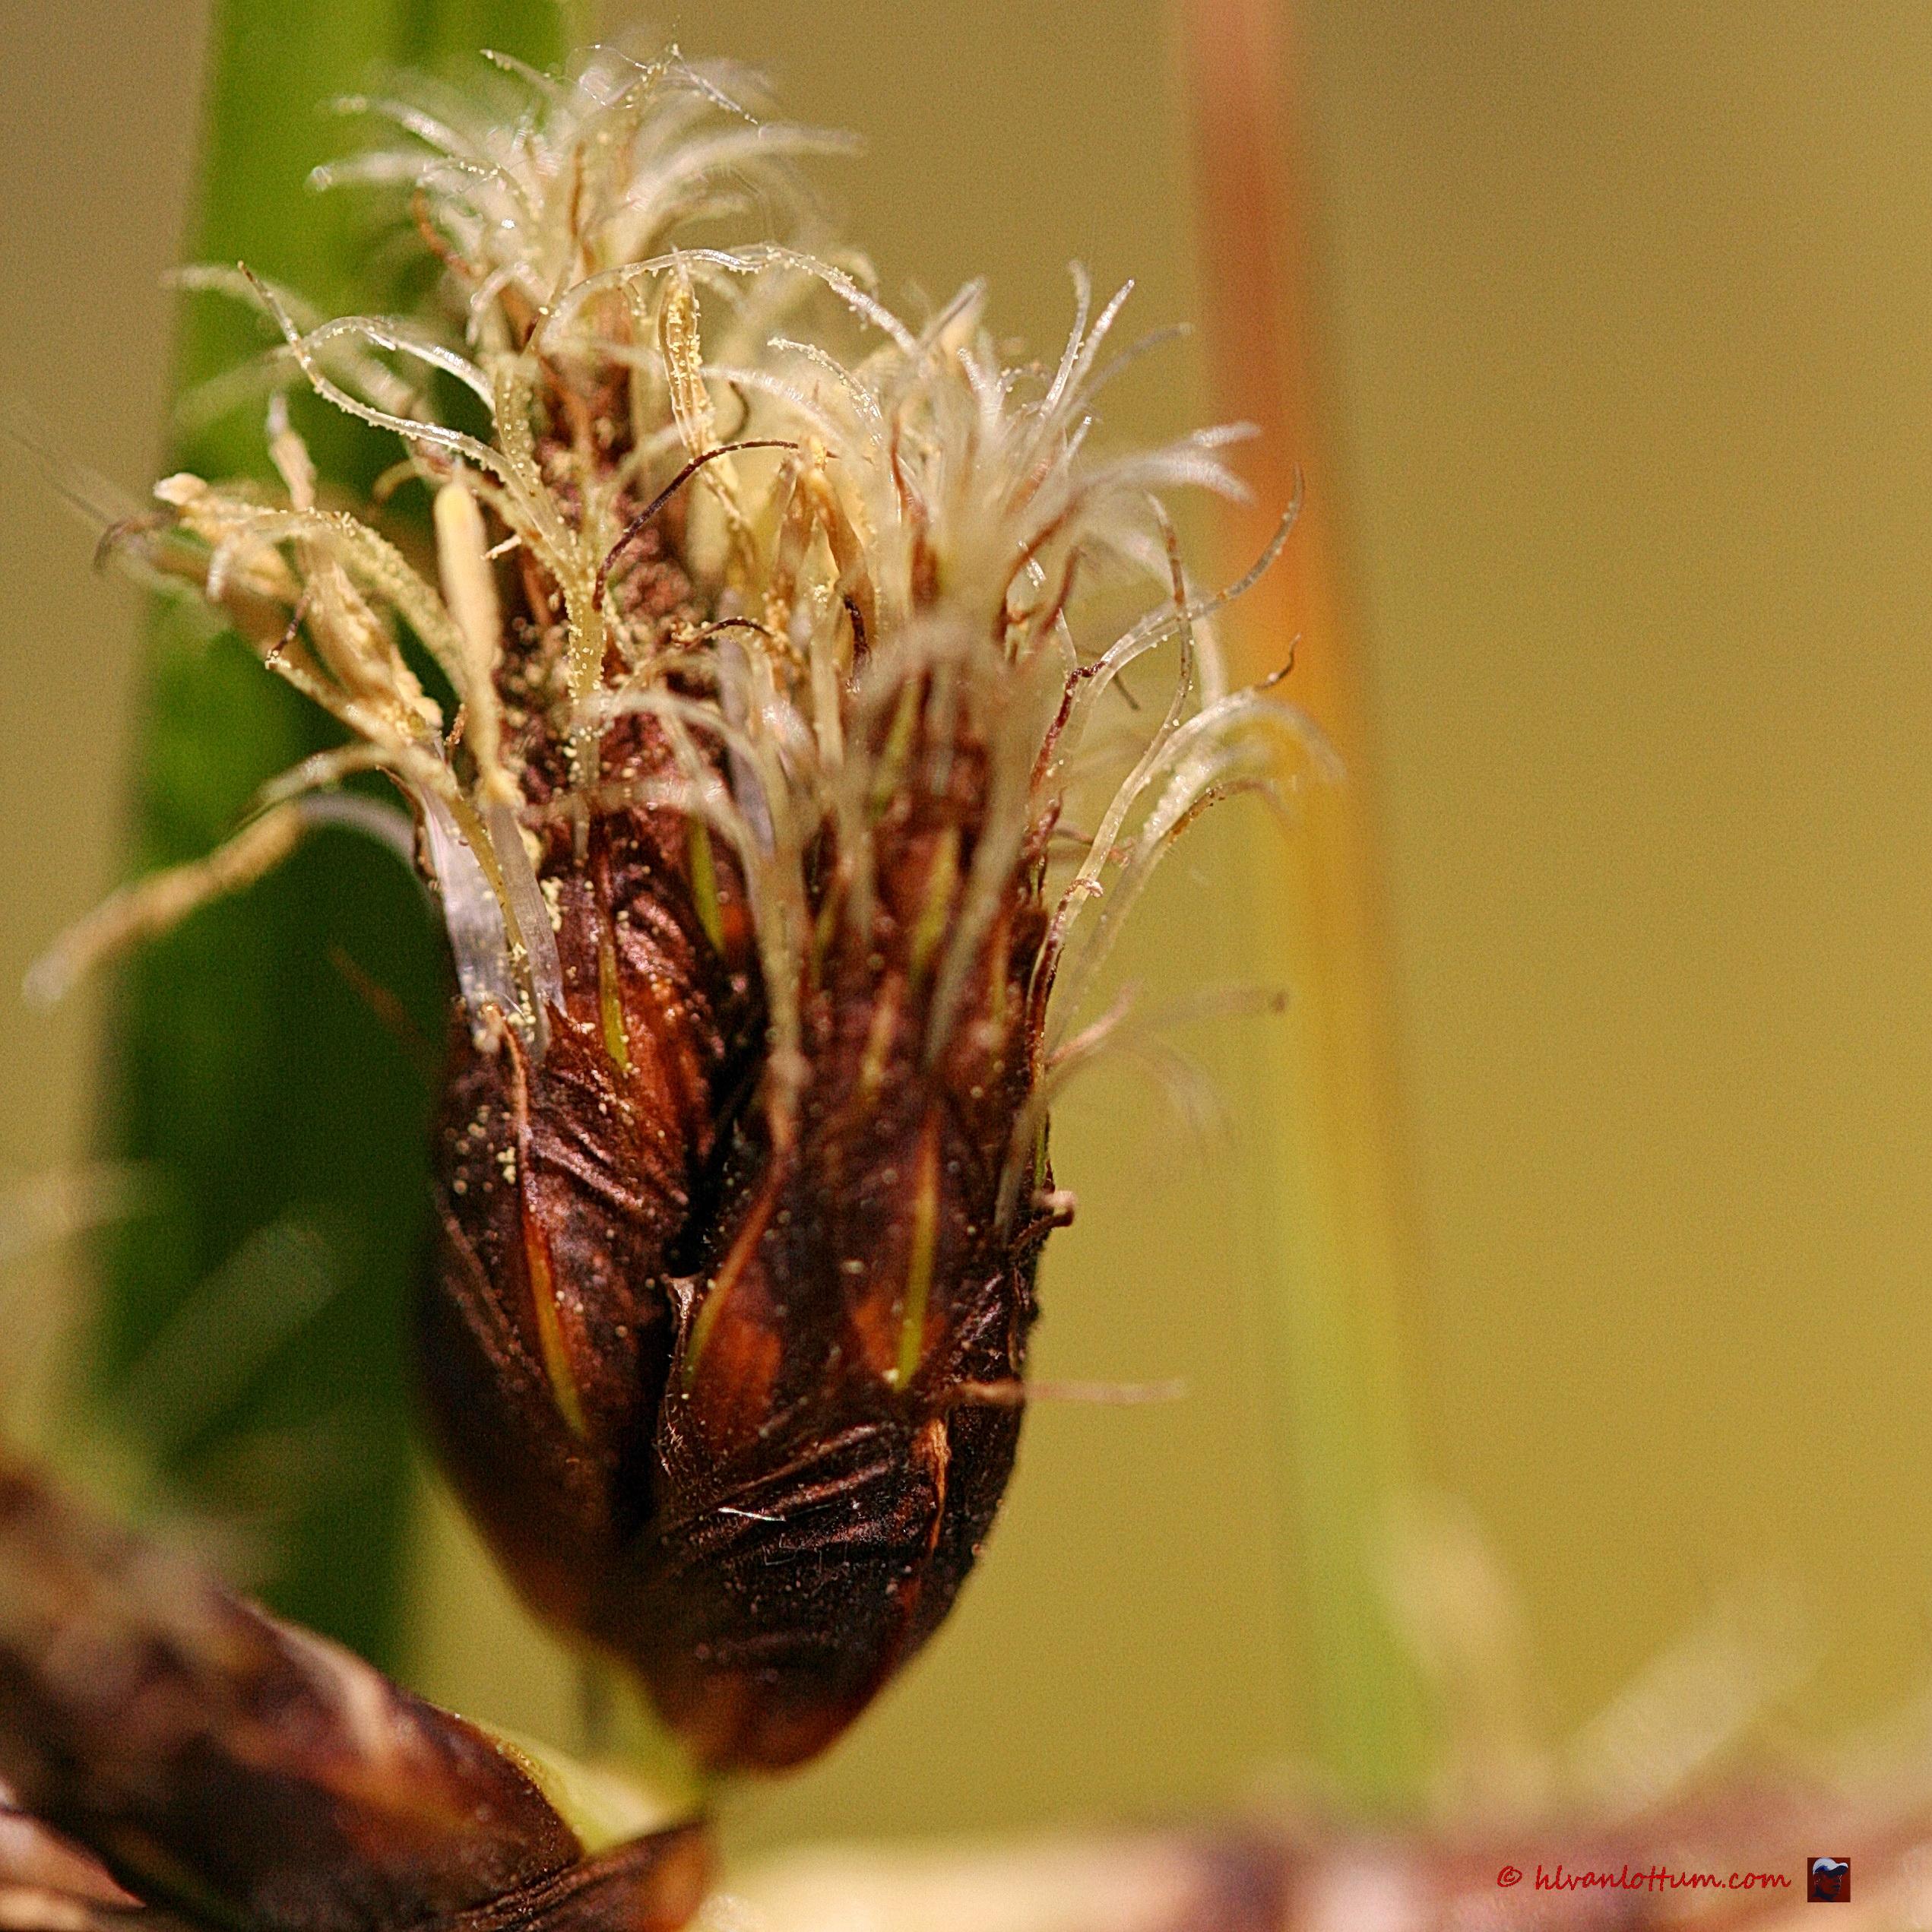 Rood cypergras - Cyperus longus